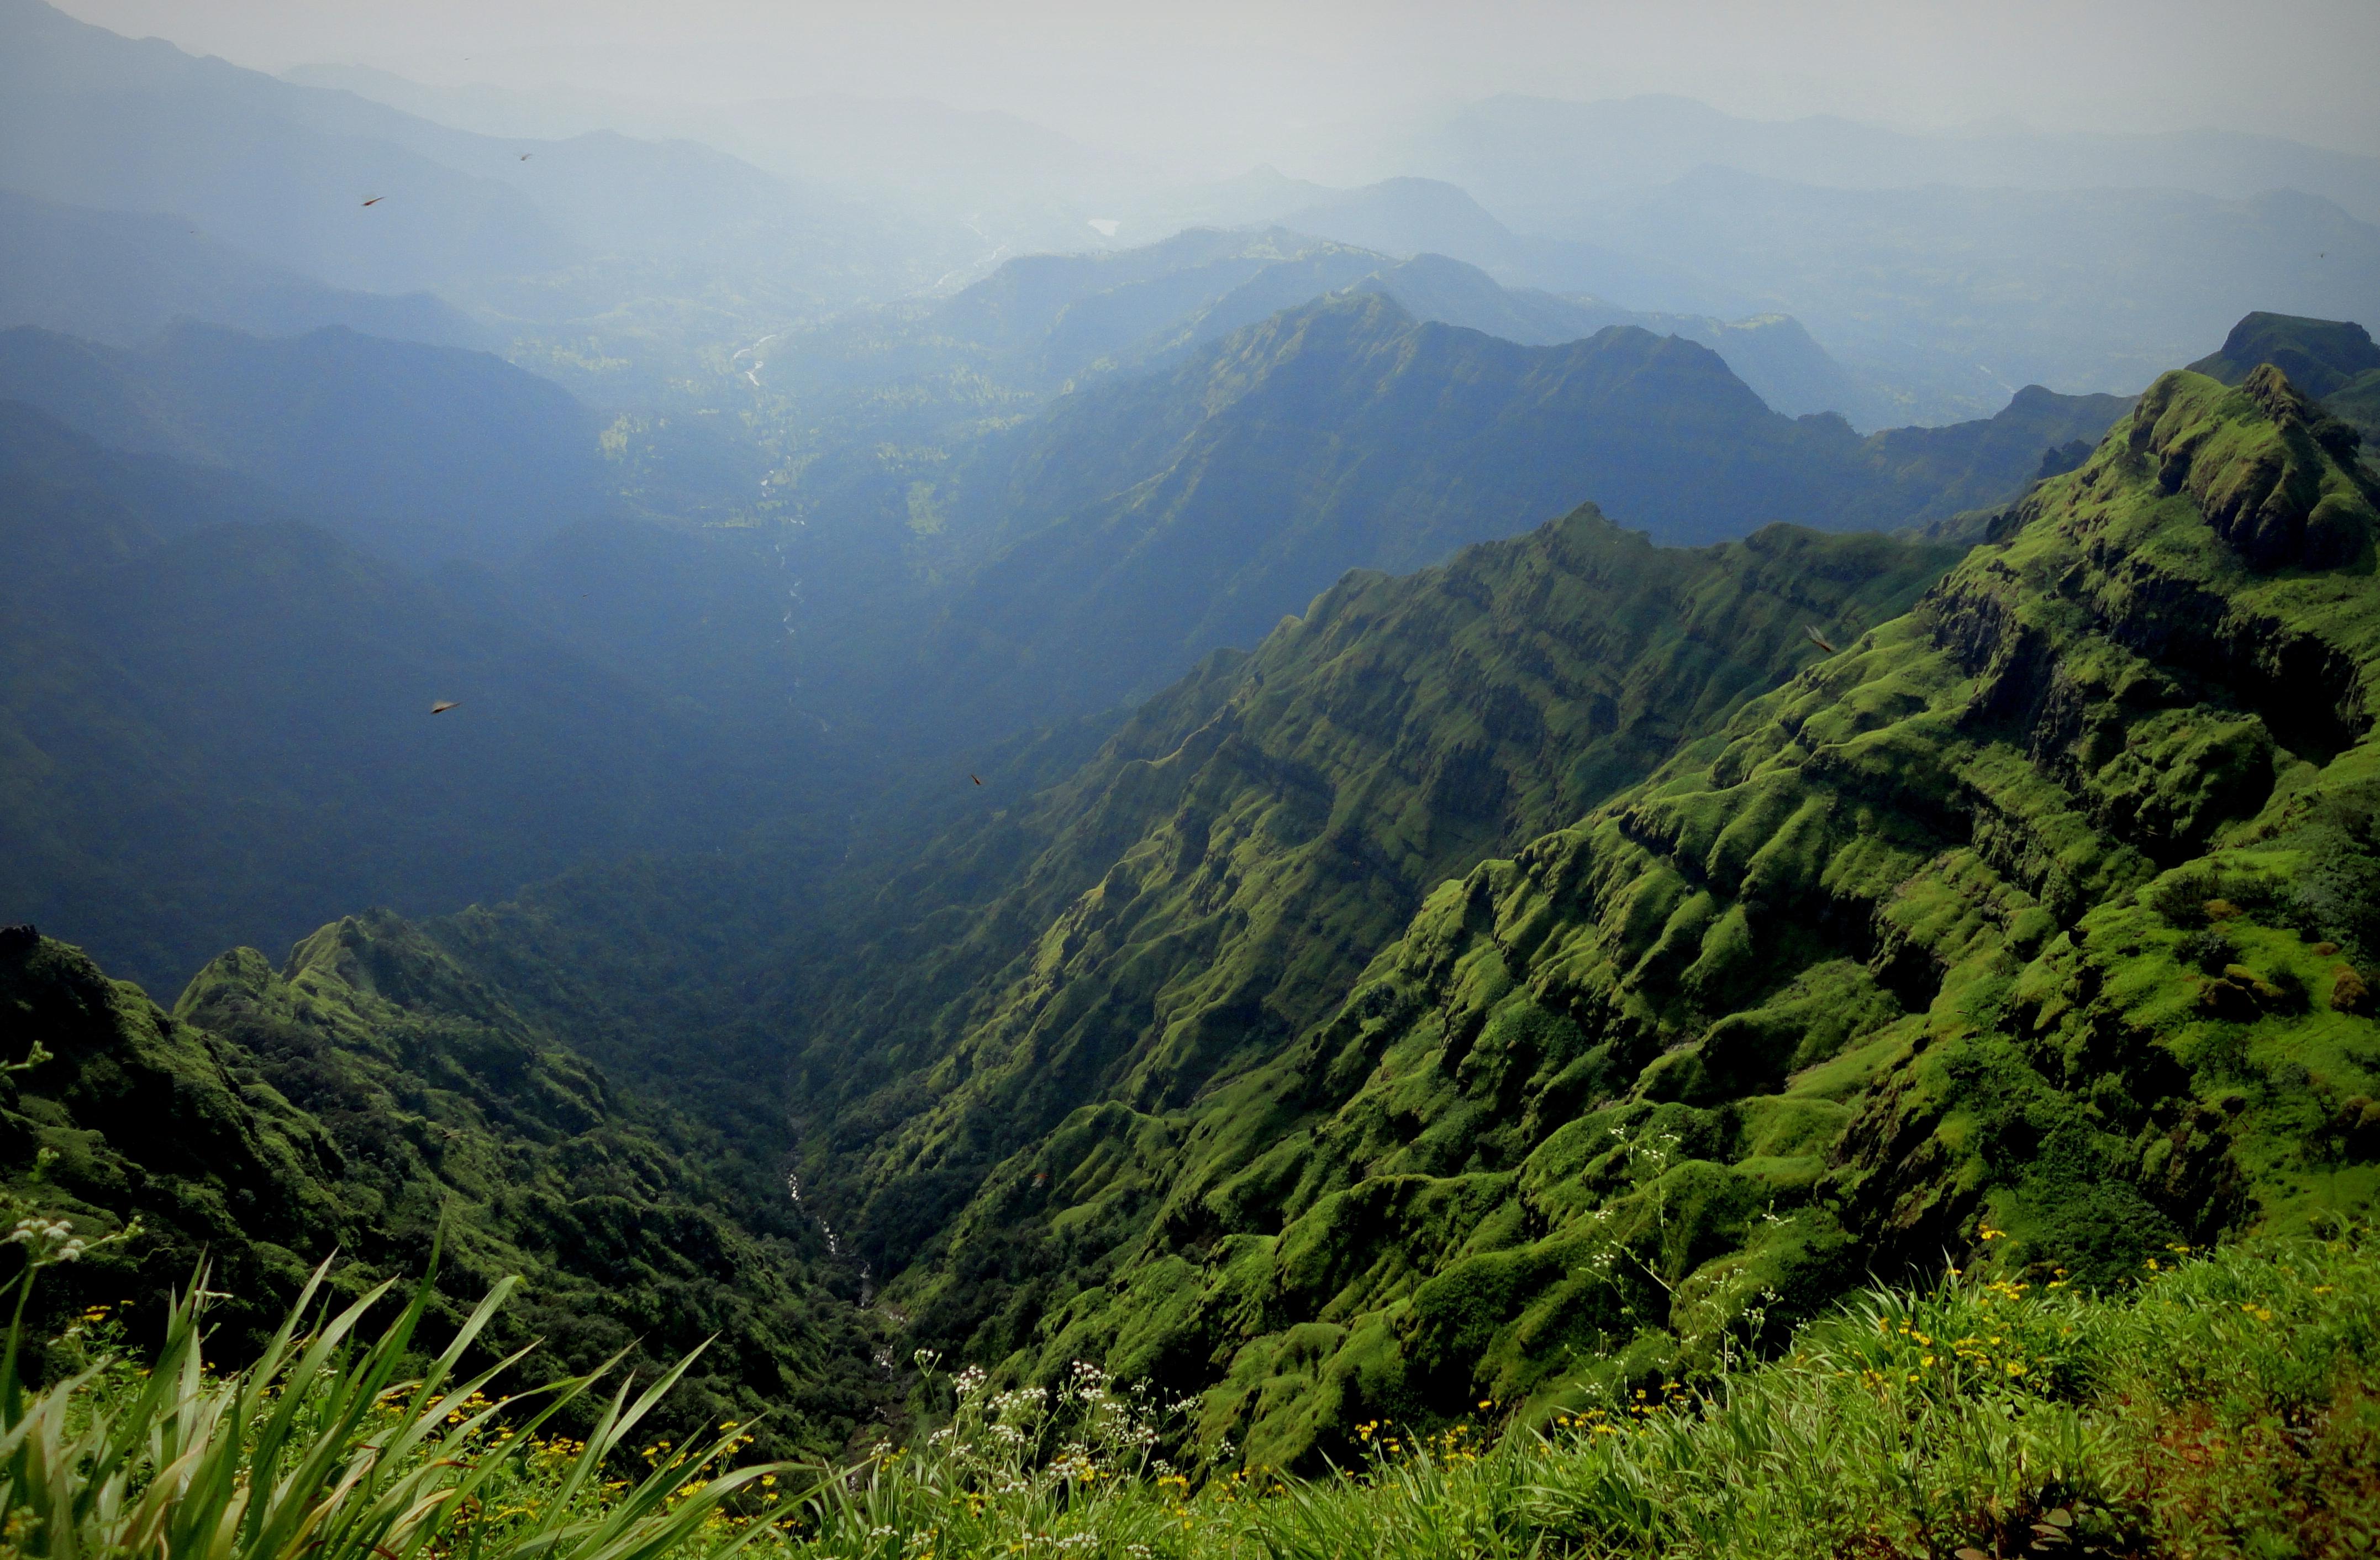 98218 descargar fondo de pantalla Naturaleza, Niebla, Montañas, Paisaje: protectores de pantalla e imágenes gratis